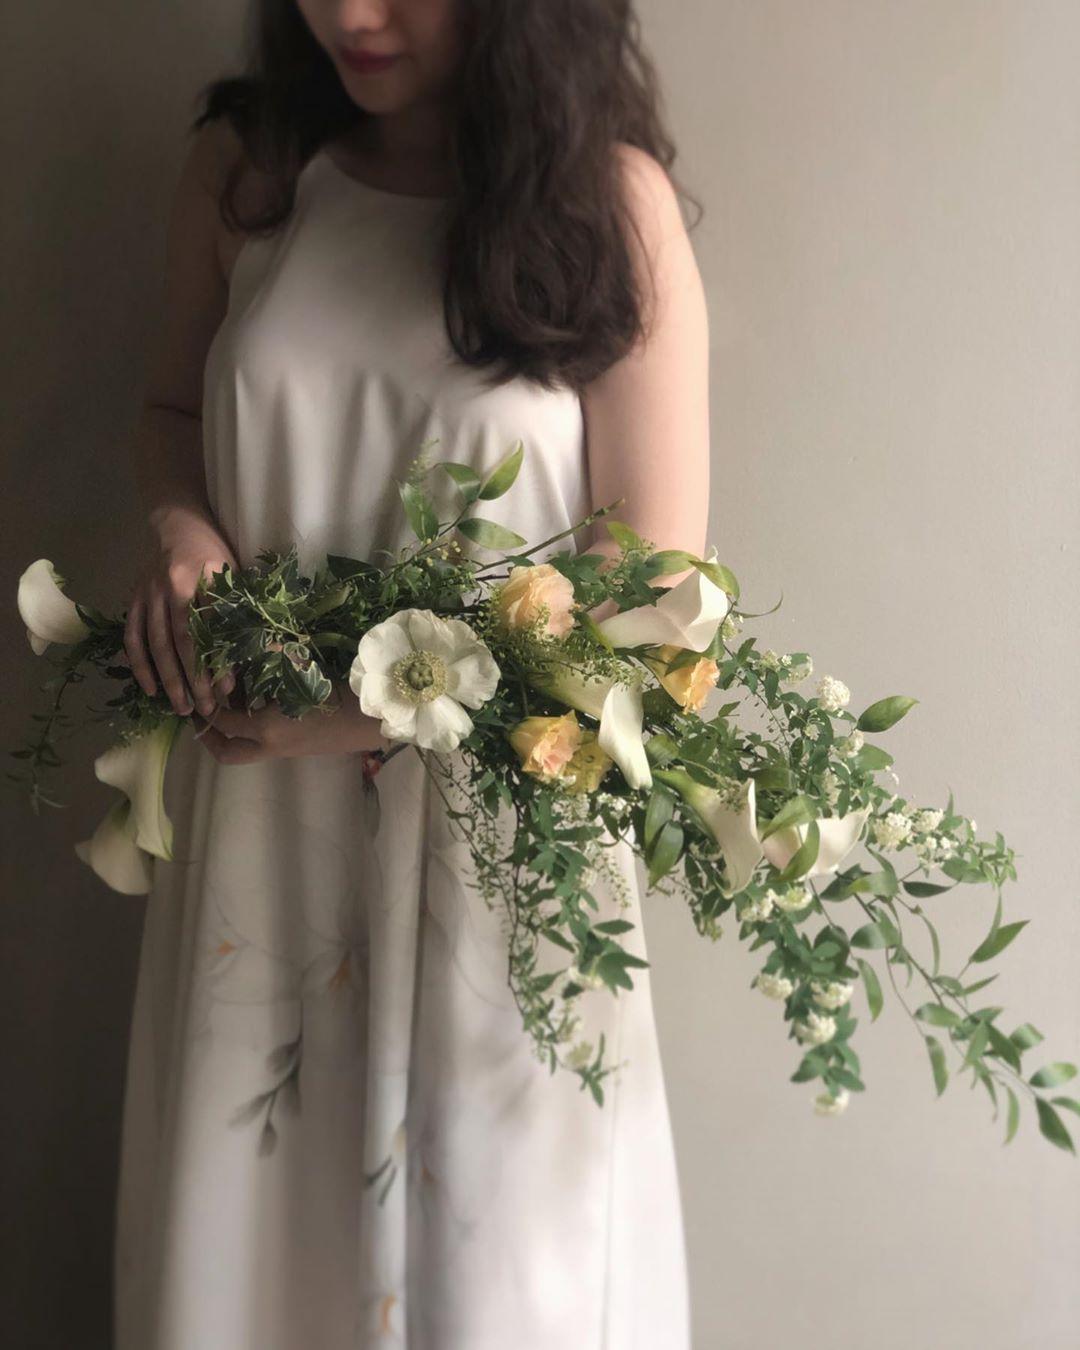 cô gái cầm hoa cưới dáng dài làm từ hoa lily nhỏ và cành lá xanh